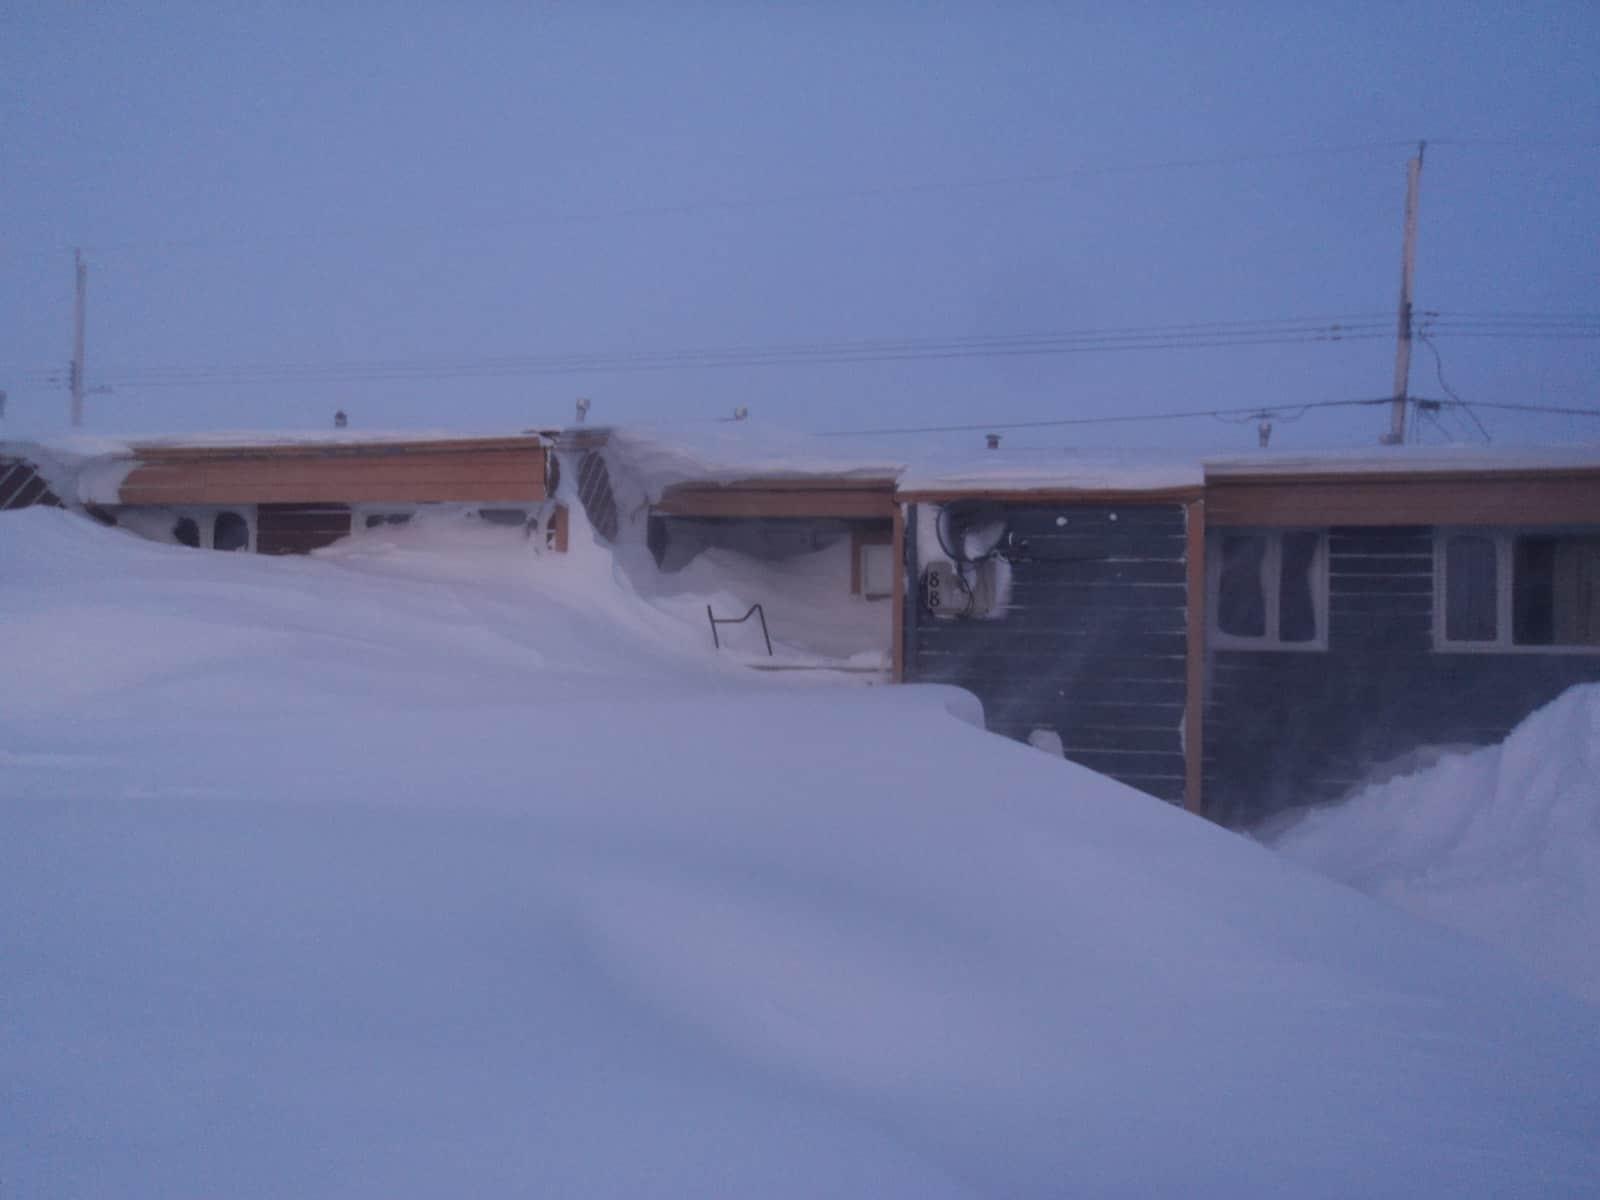 Vor dem Schneesturm ist nach dem Schneesturm: Blizzard in Manitoba ...